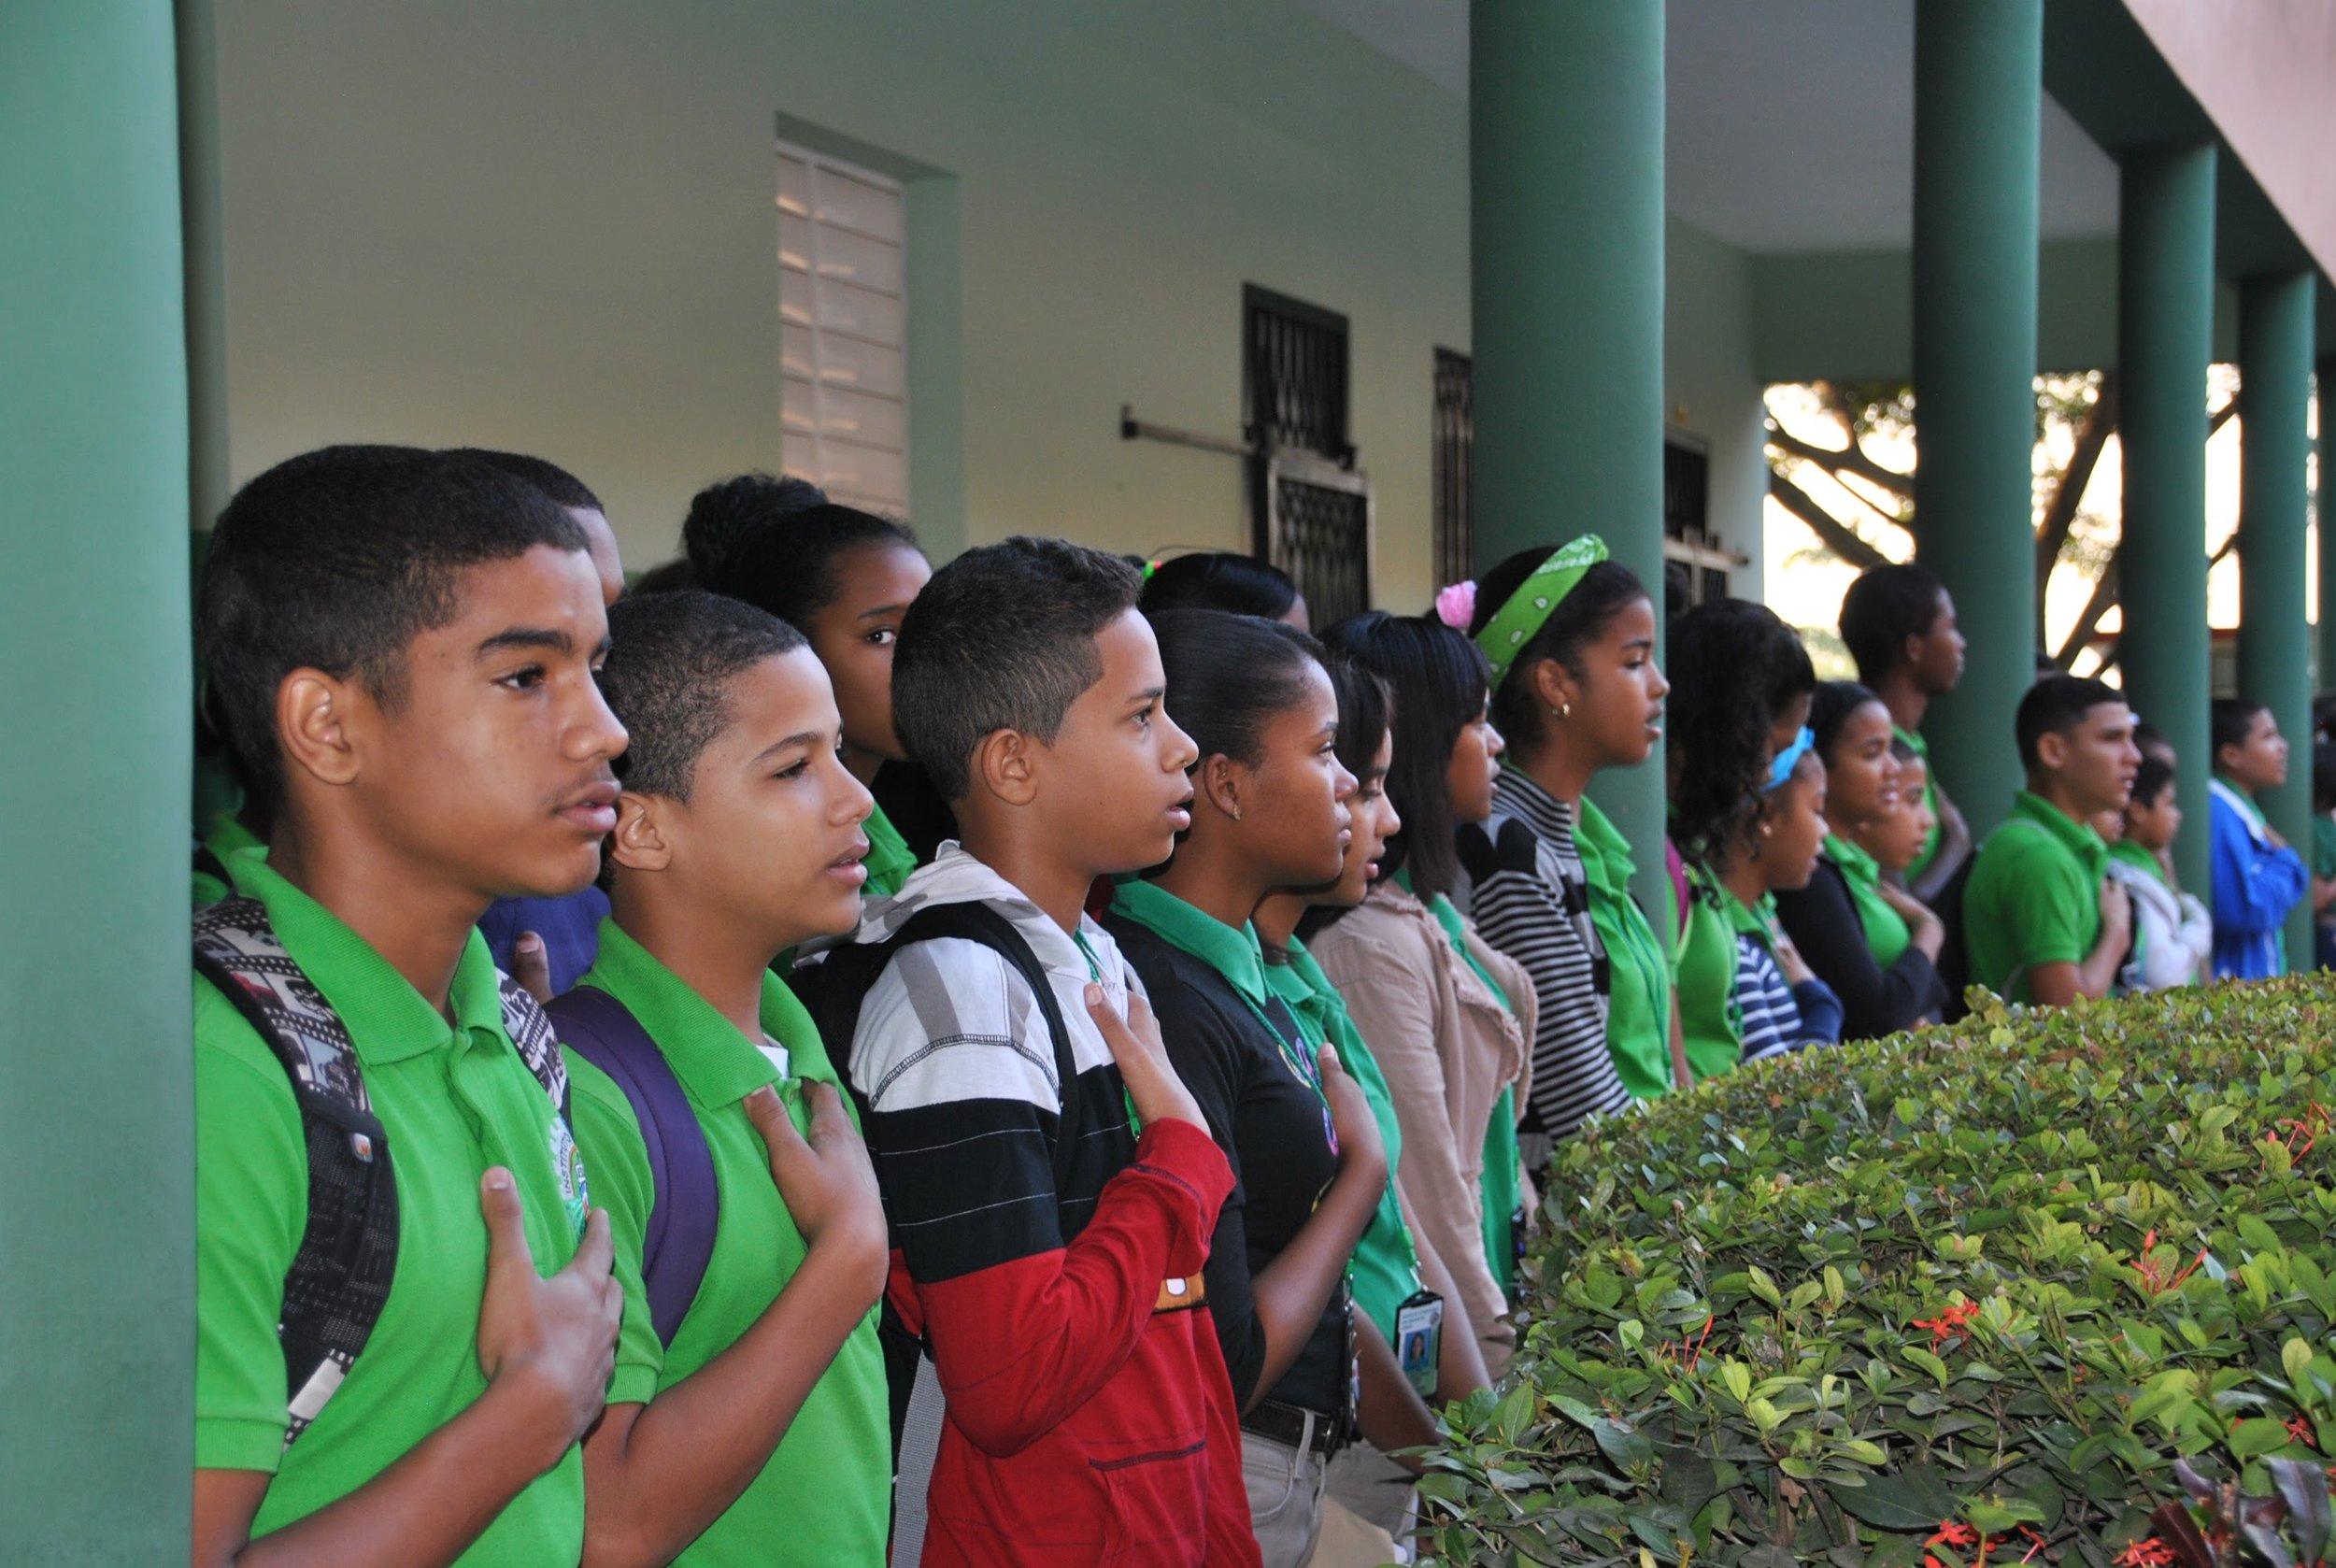 School in Dajabon